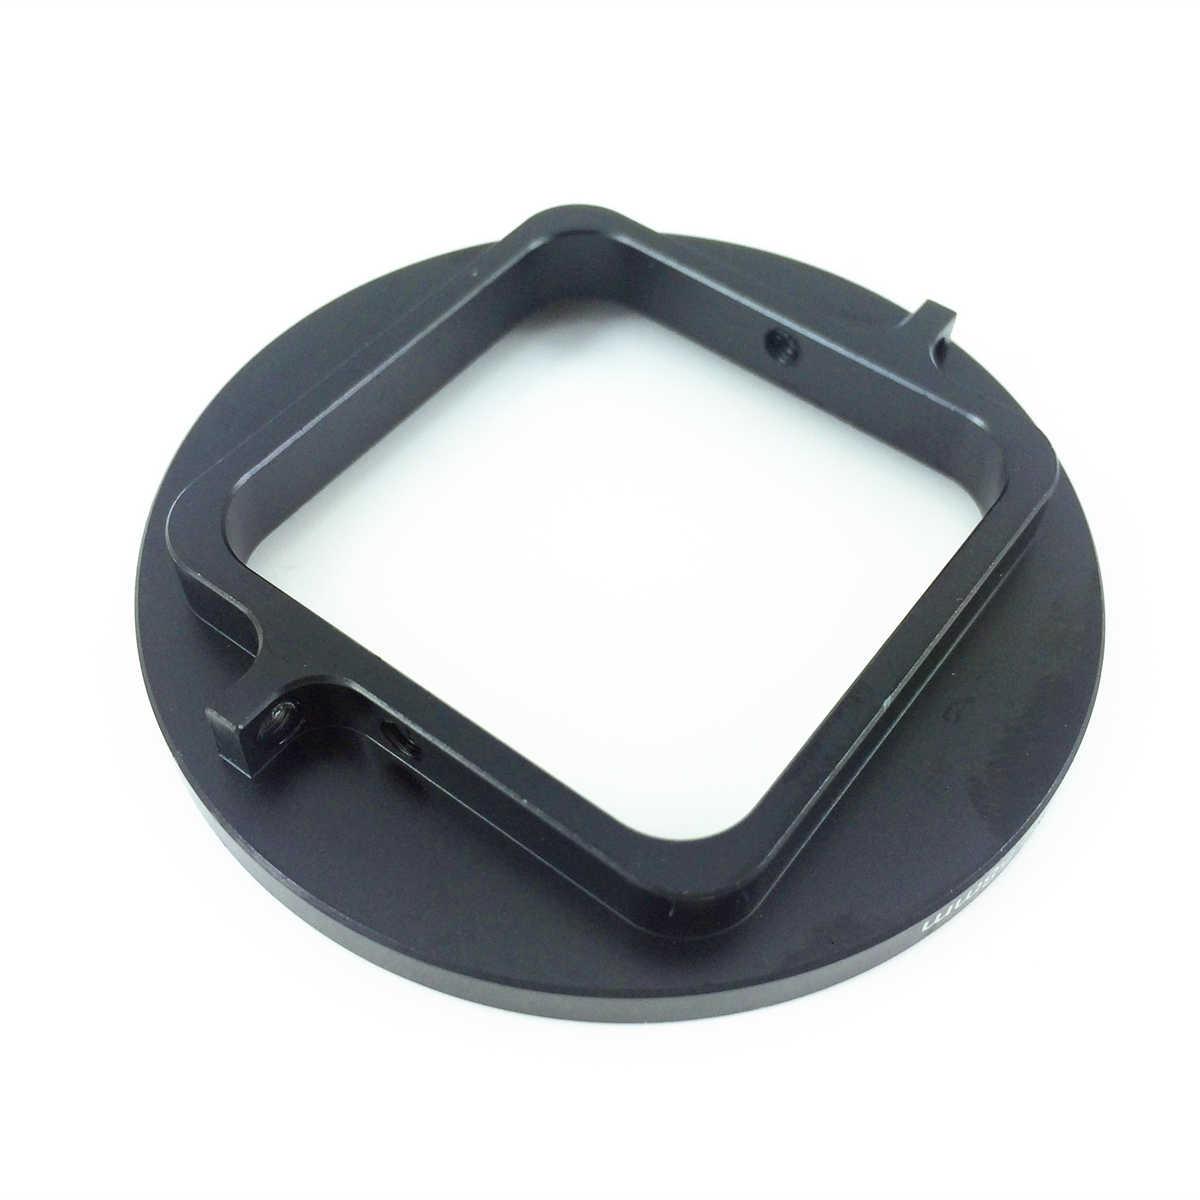 58 Mm Lensa Filter Adaptor untuk Go Pro Hero 5 Sesi/HERO Sesi untuk Menambahkan CPL Merah Kuning Magenta Dekat -Up Filter 58 Mm